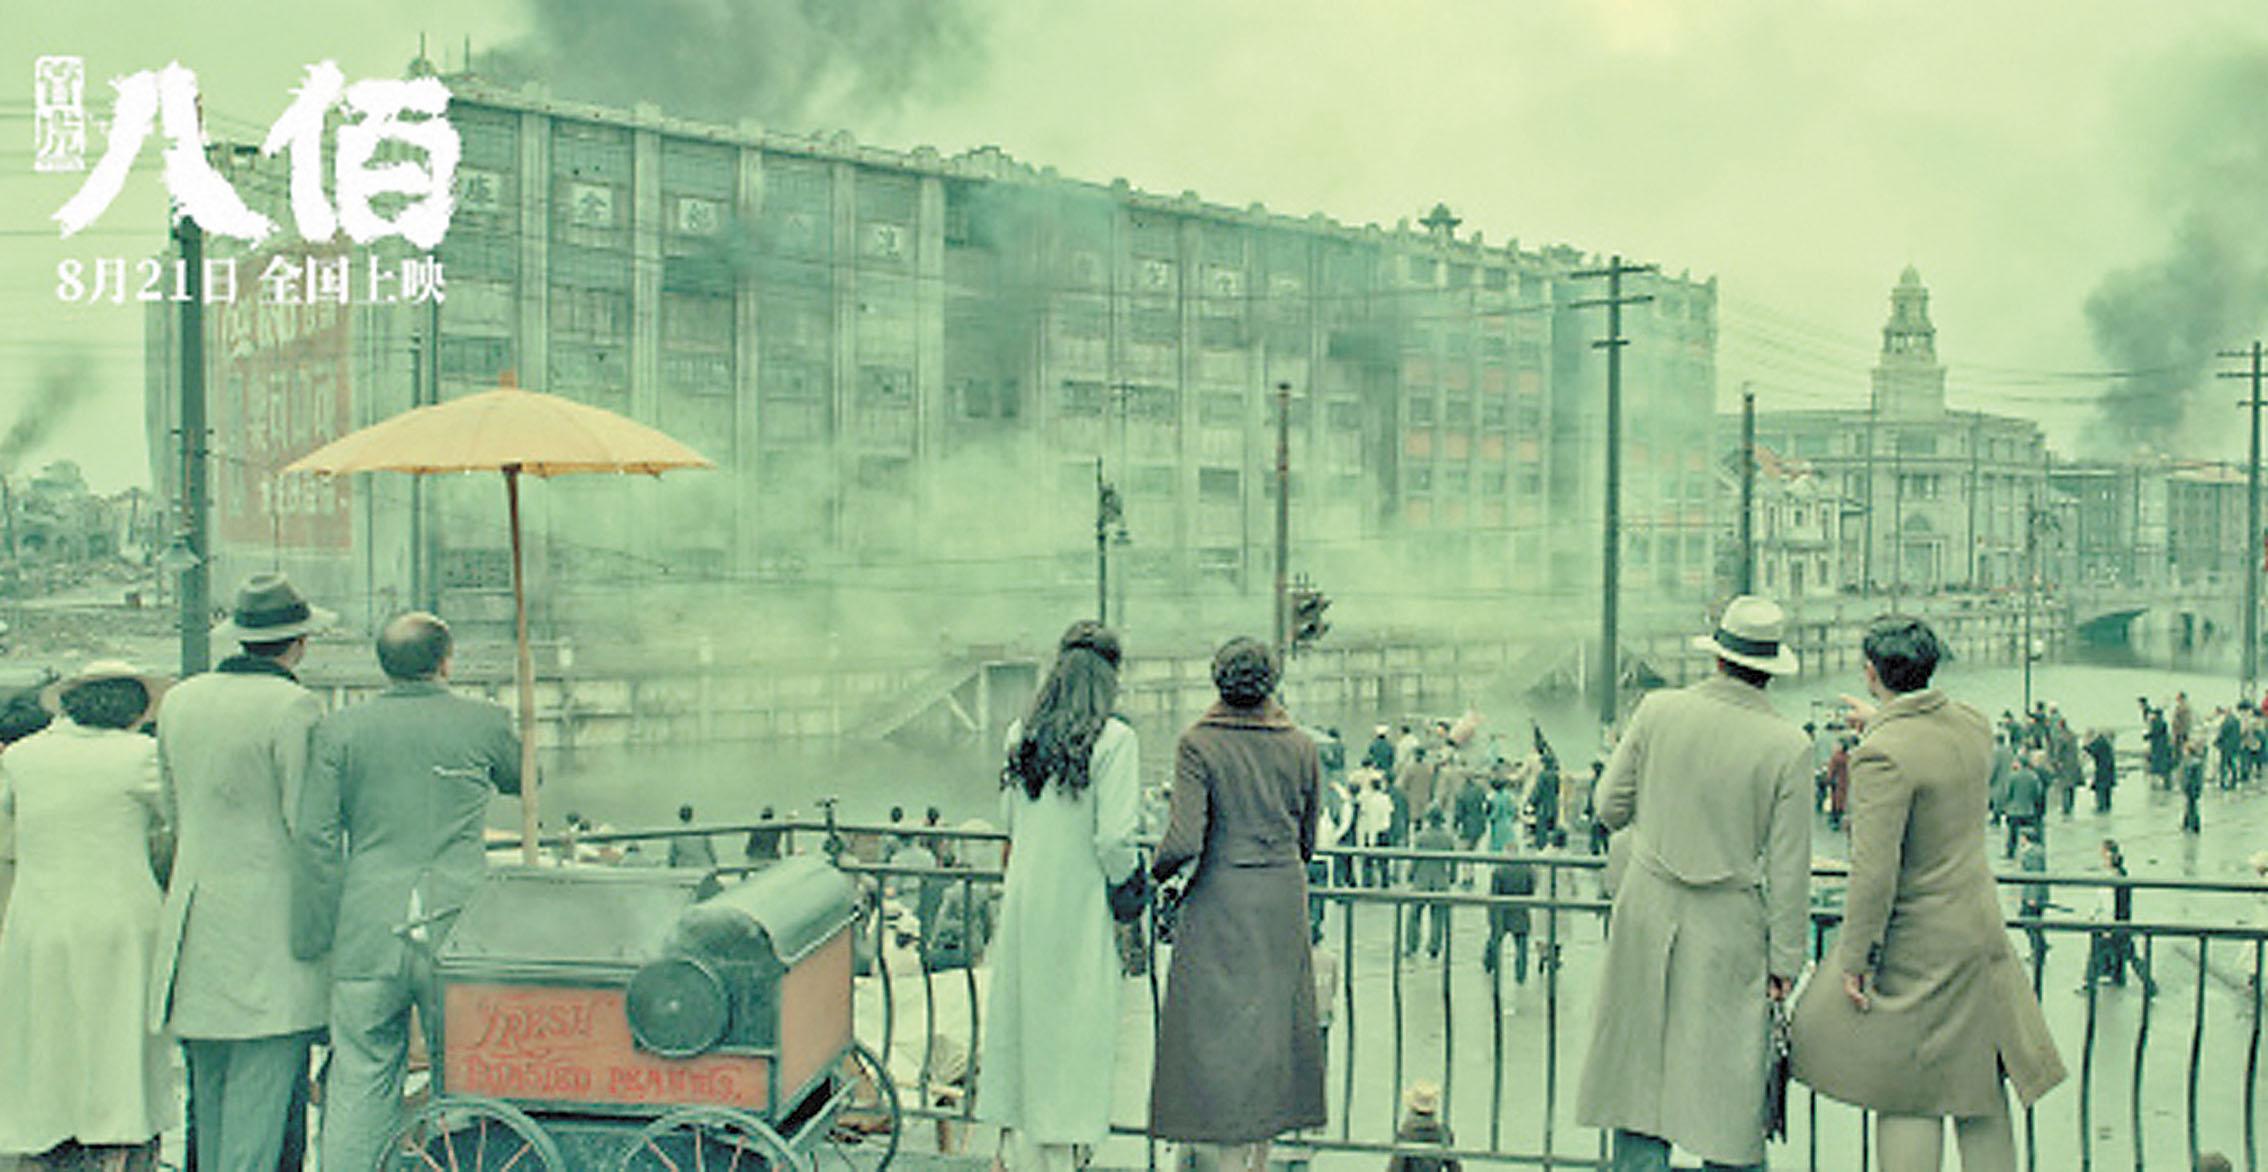 電影《八佰》劇照,四行倉庫戰役是在上海蘇州河北岸打響,而南岸是當時的租界,沒有波及,因此這場戰役能讓民眾「隔岸觀火」。